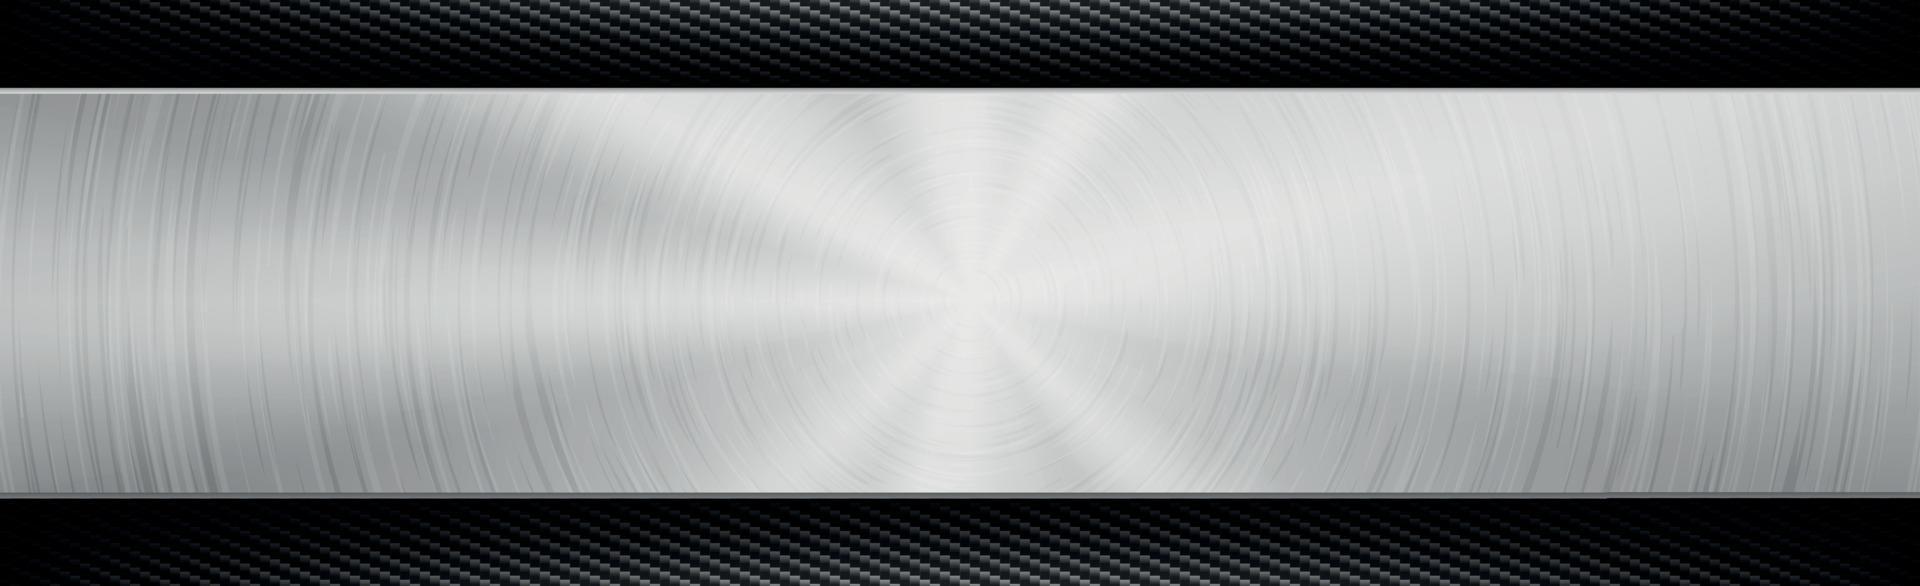 abstrakt bakgrund för metall- och kolfibertextur - vektorillustration vektor